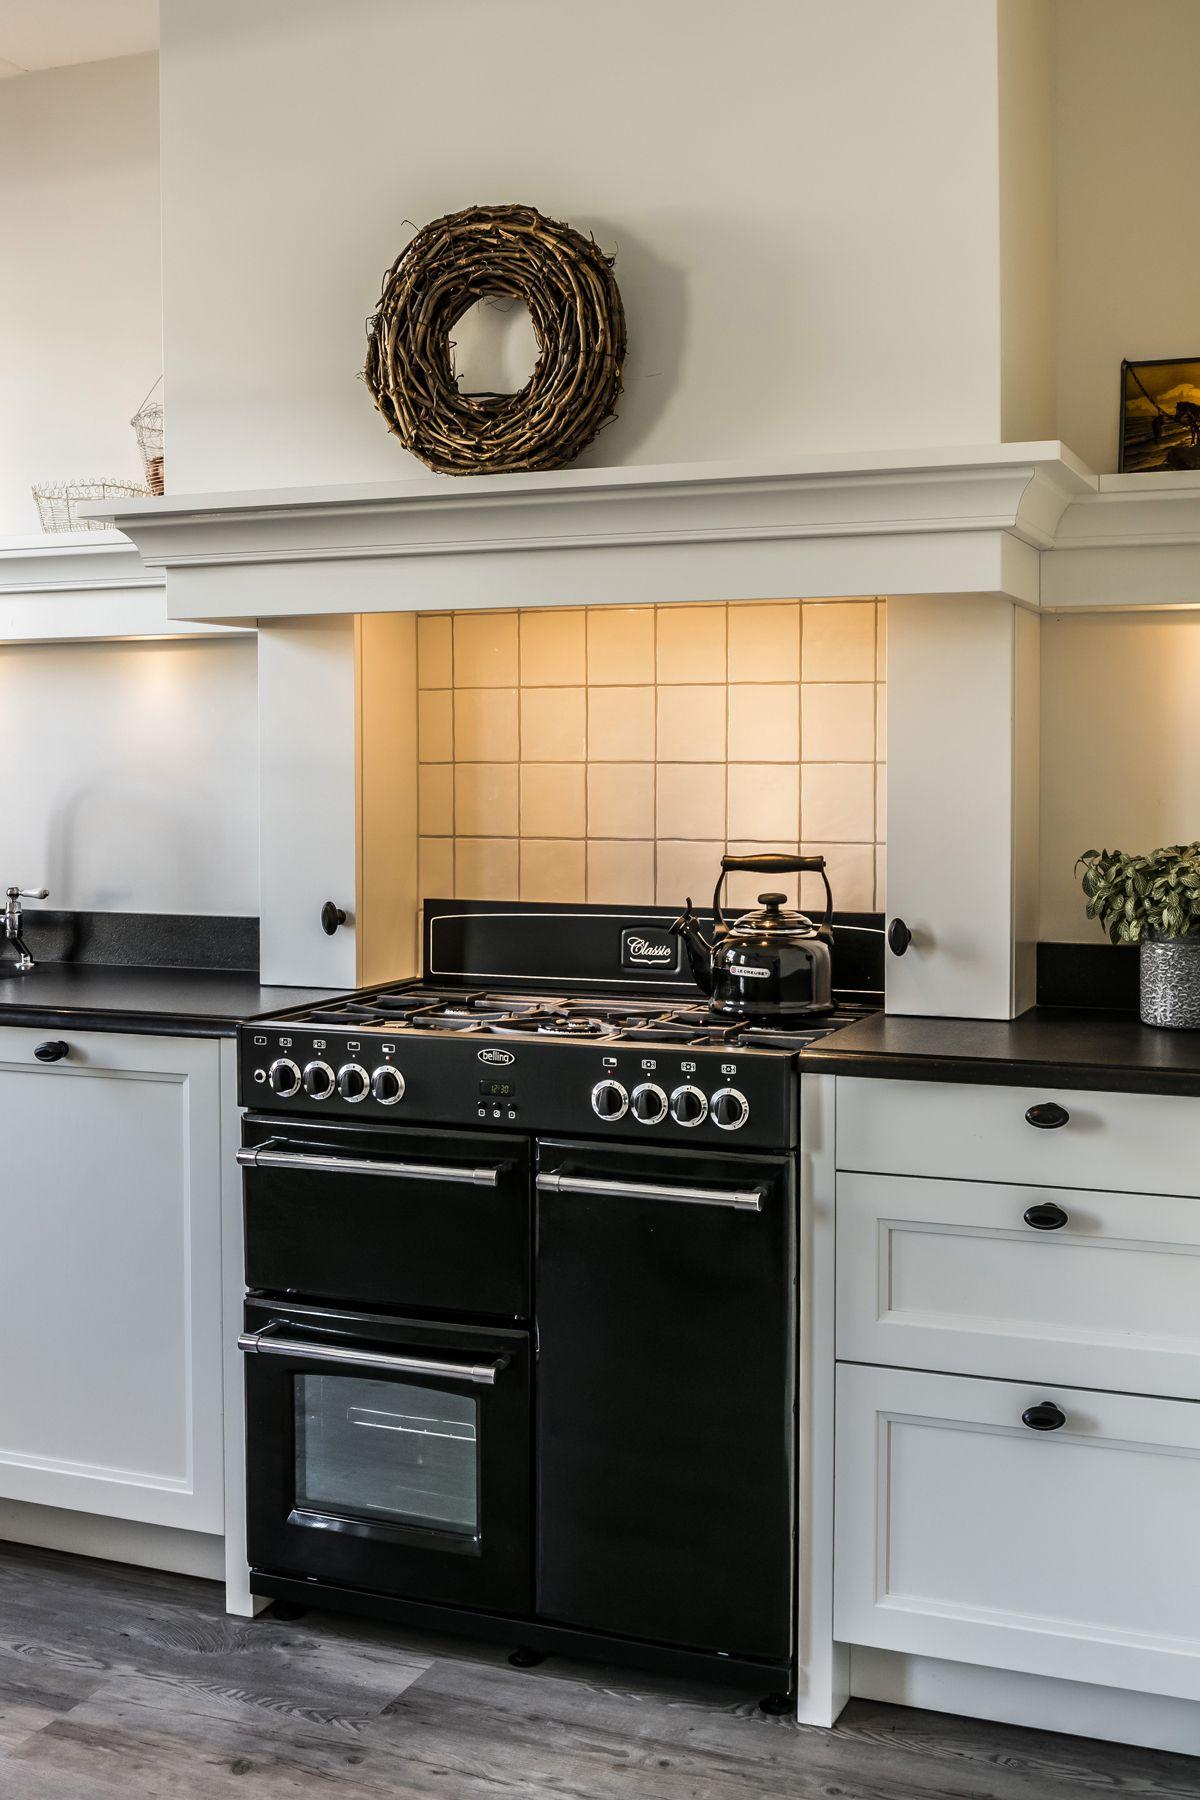 Spiksplinternieuw Landelijke keuken met fornuis en grote schouw. De keuken bevat ZL-89